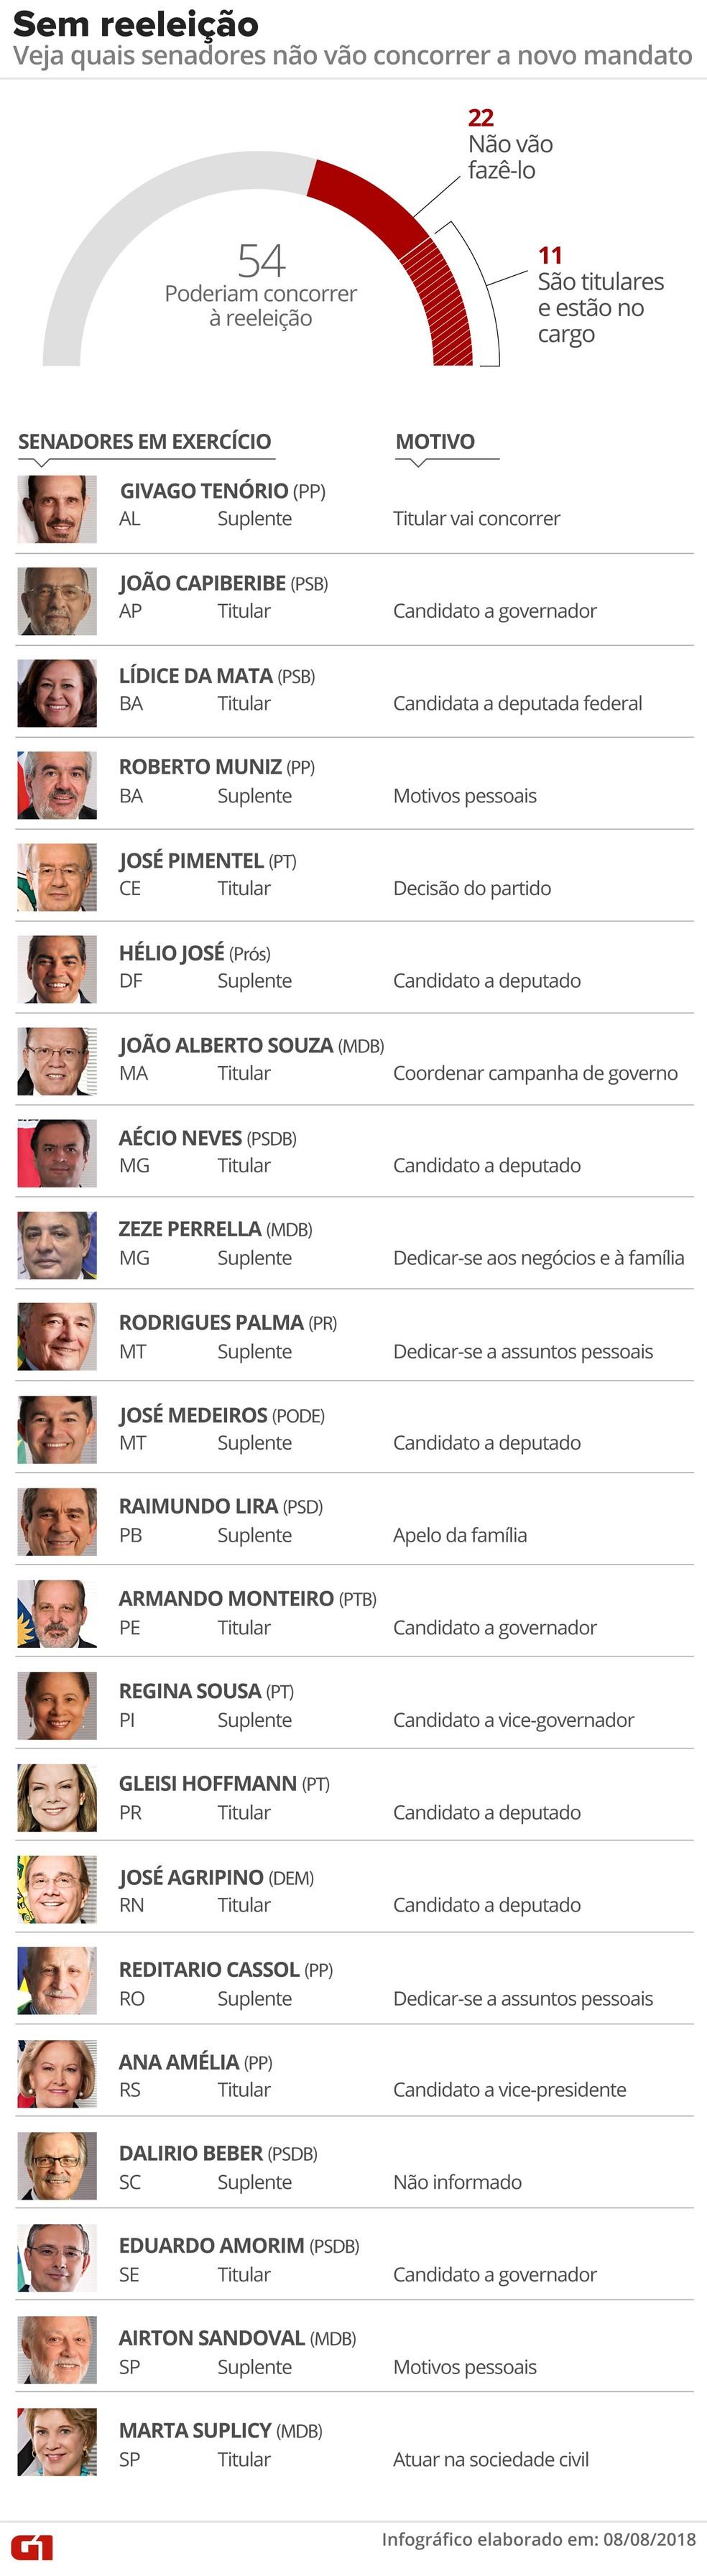 Senadores que poderiam concorrer a novo mandato em 2018, mas desistiram (Foto: Roberta Jaworski/G1)